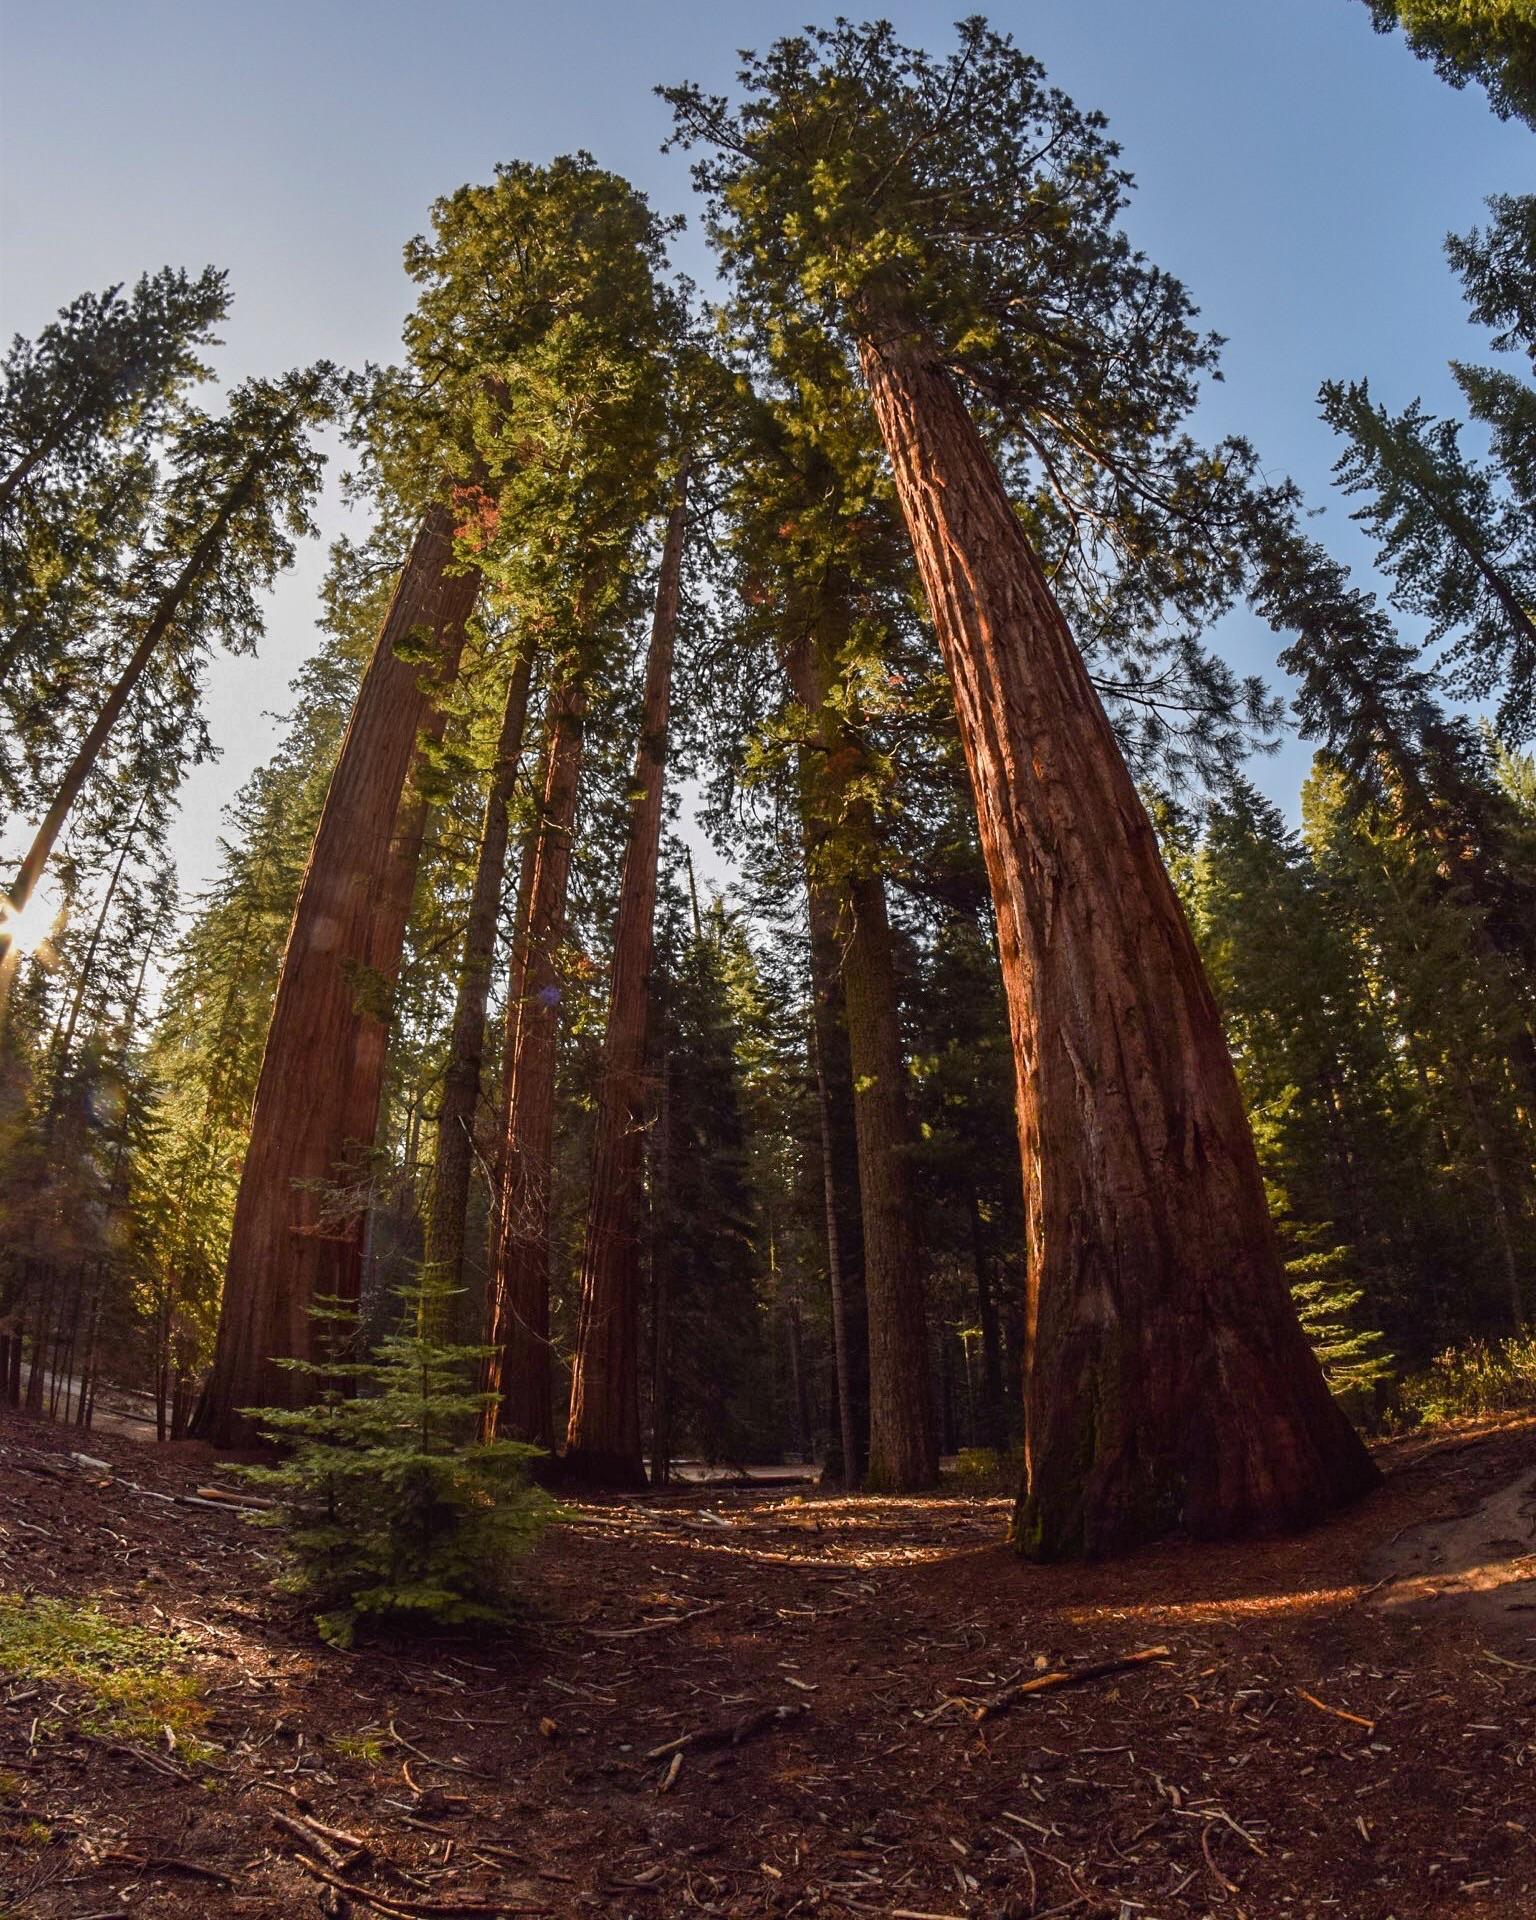 Yosemite - California Redwoods